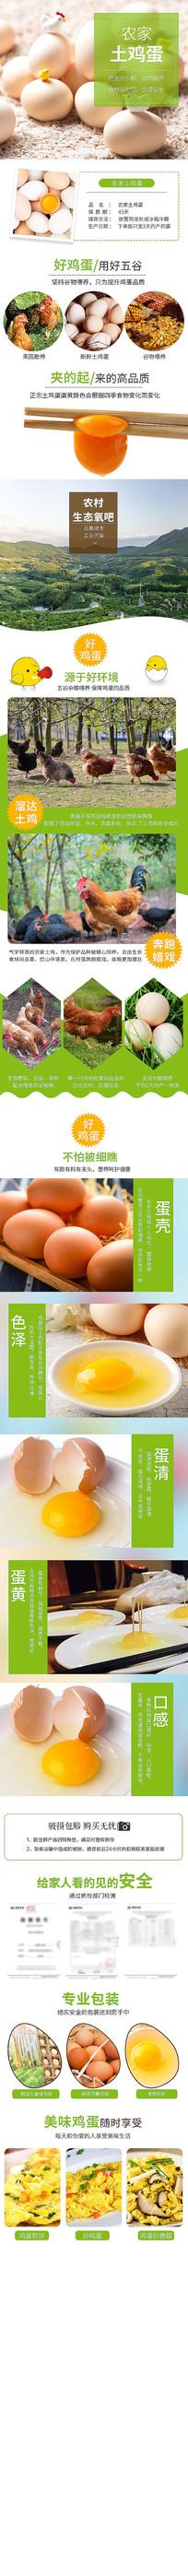 天猫农家土鸡蛋详情页